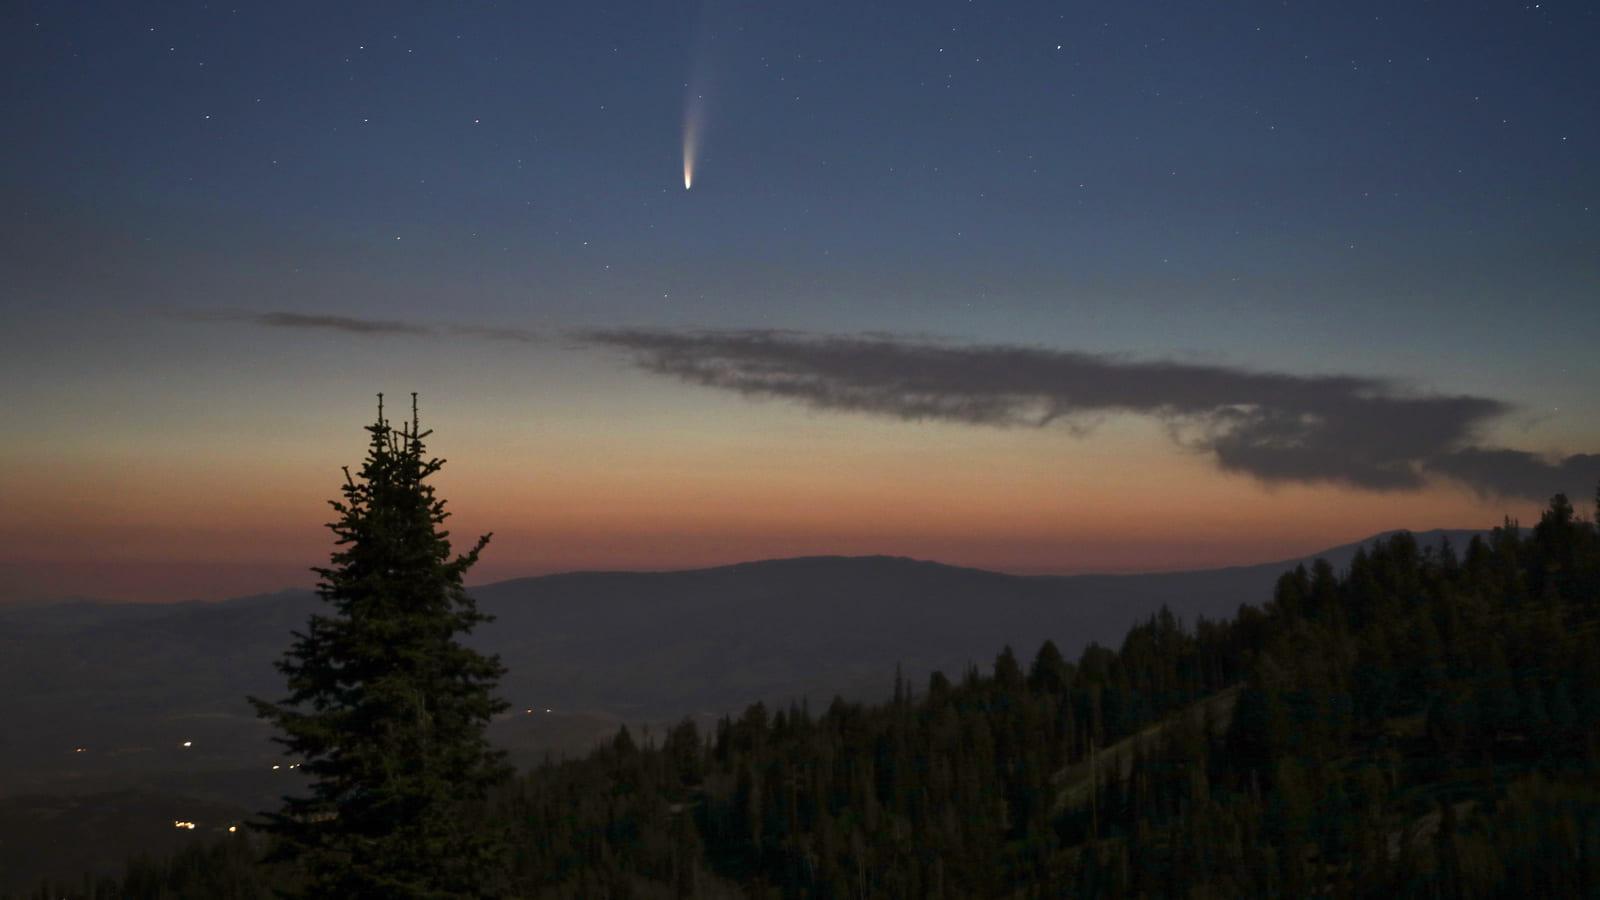 Comet over Deer Valley, Utah 2020